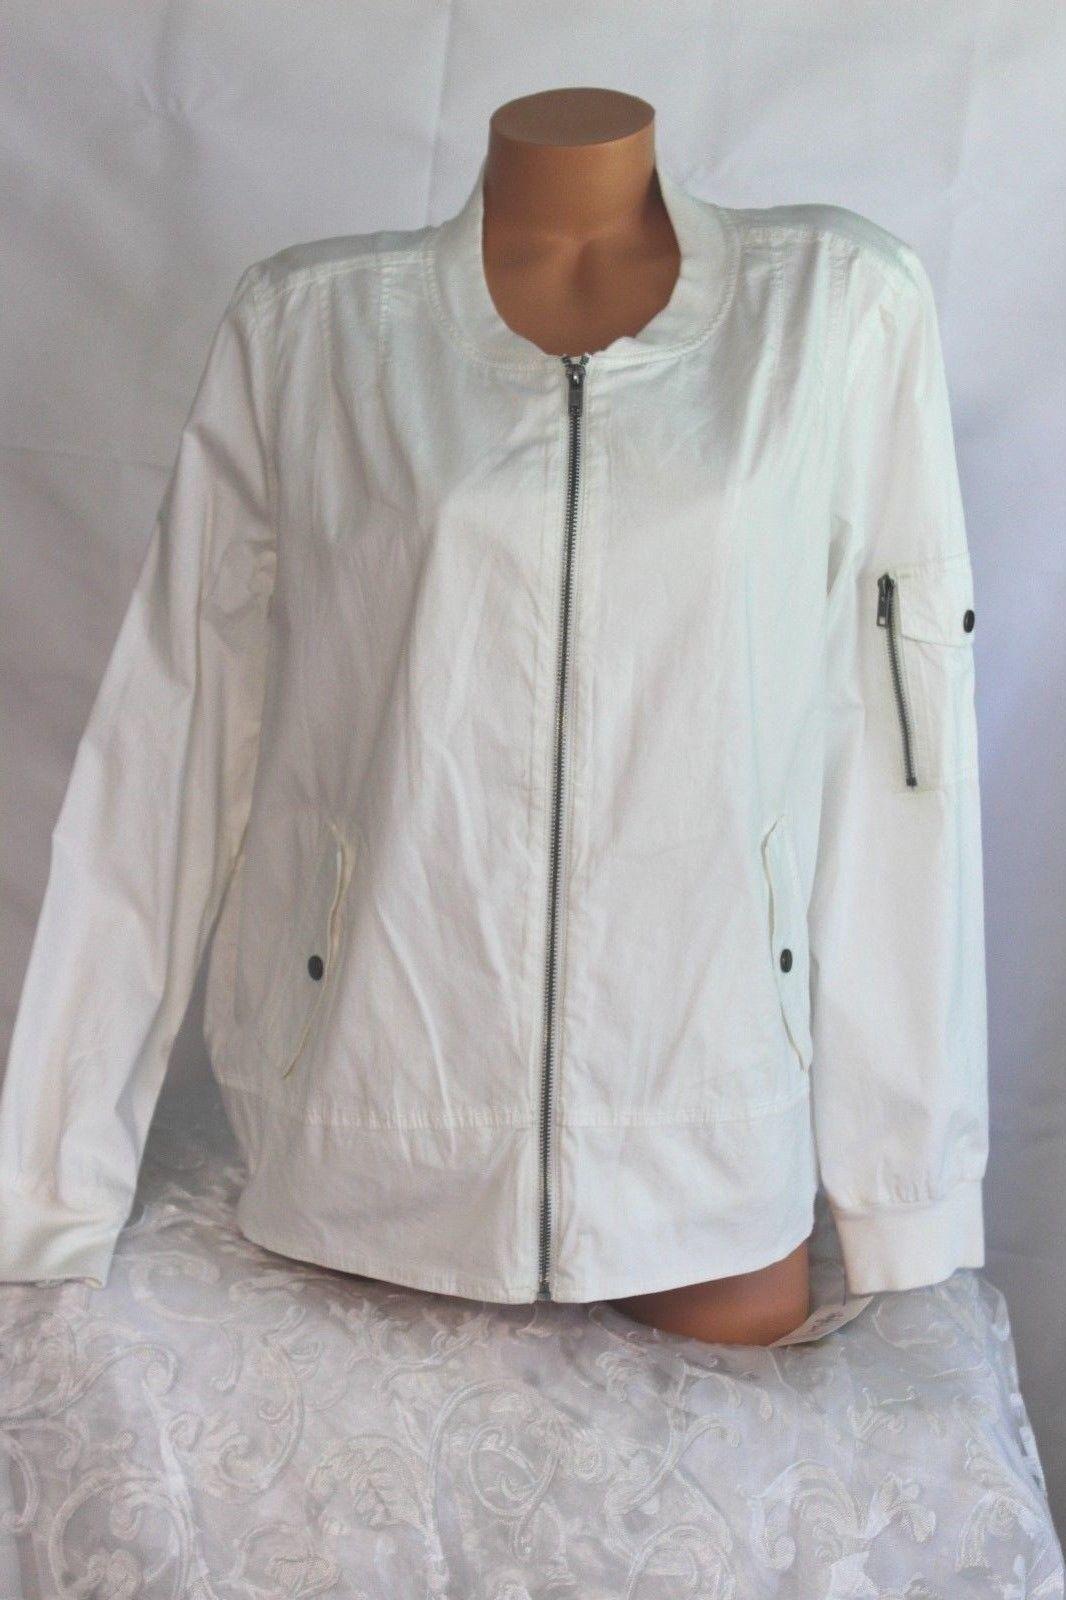 STYLE & amp;CO. (XL) Light Jacket TÉLI FEHÉR CSOMAG BOMBER zseb MSRP $ 69.50